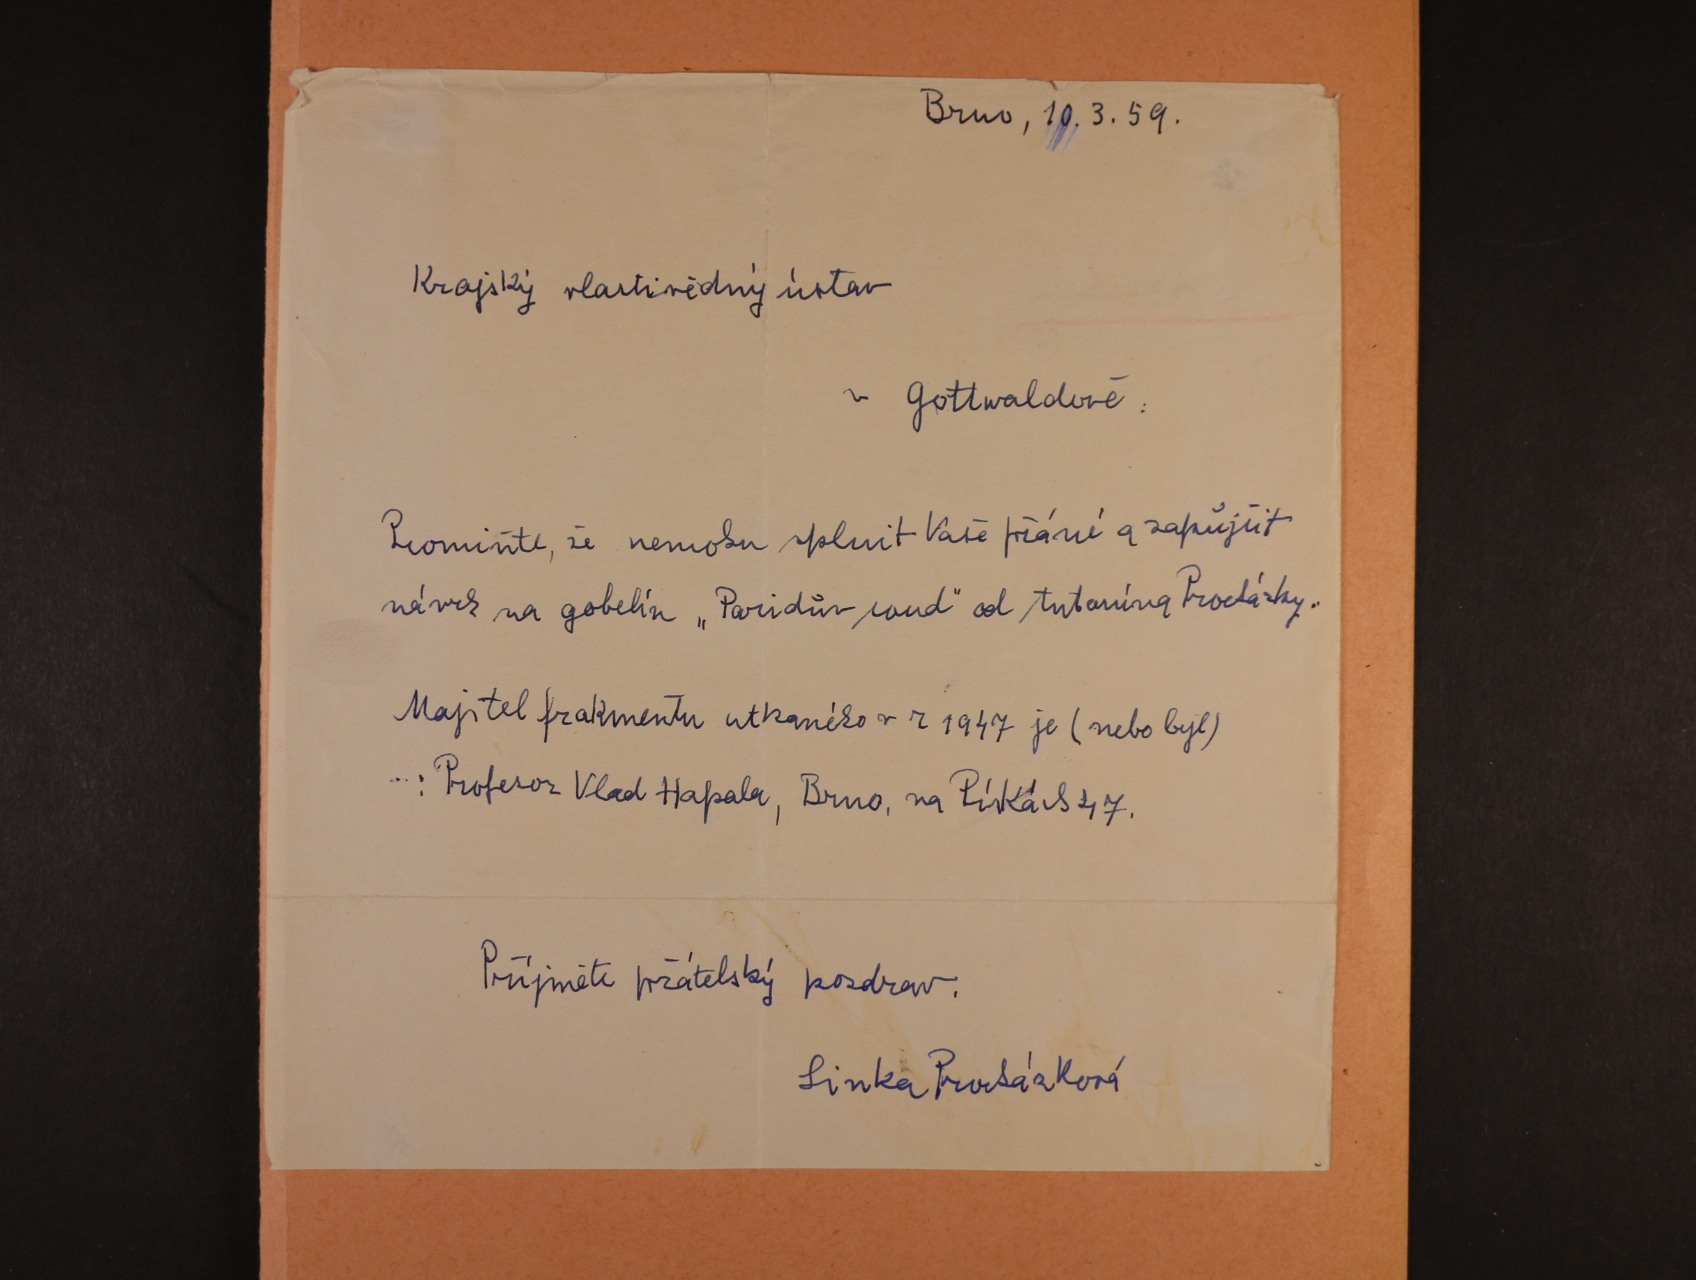 Procházková Linka 1884 - 1960 význačná česká malířka - vlartnoručně psaný dopis s podpisem z r. 1959